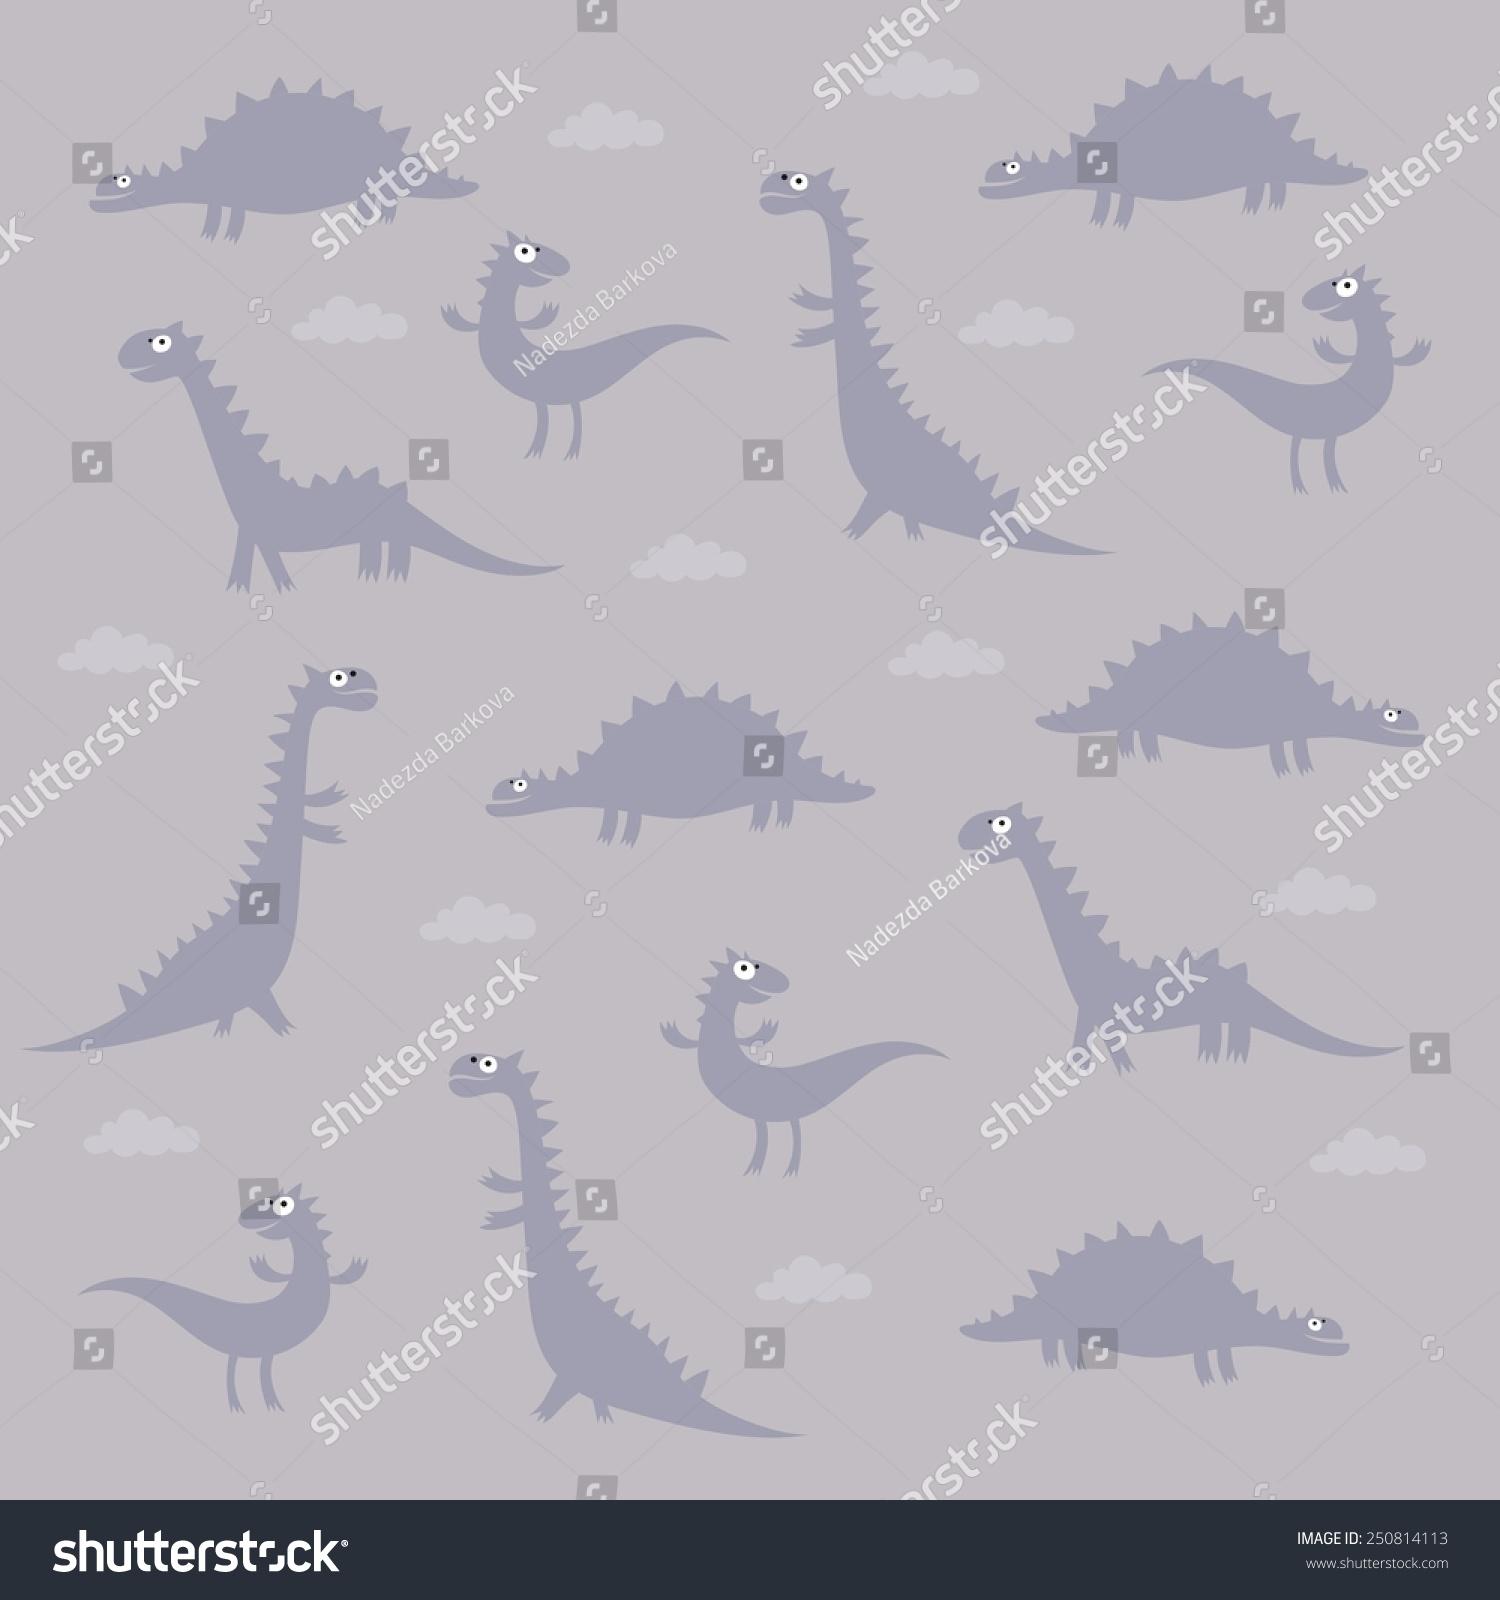 恐龙图案设计-动物/野生生物,背景/素材-海洛创意()-.